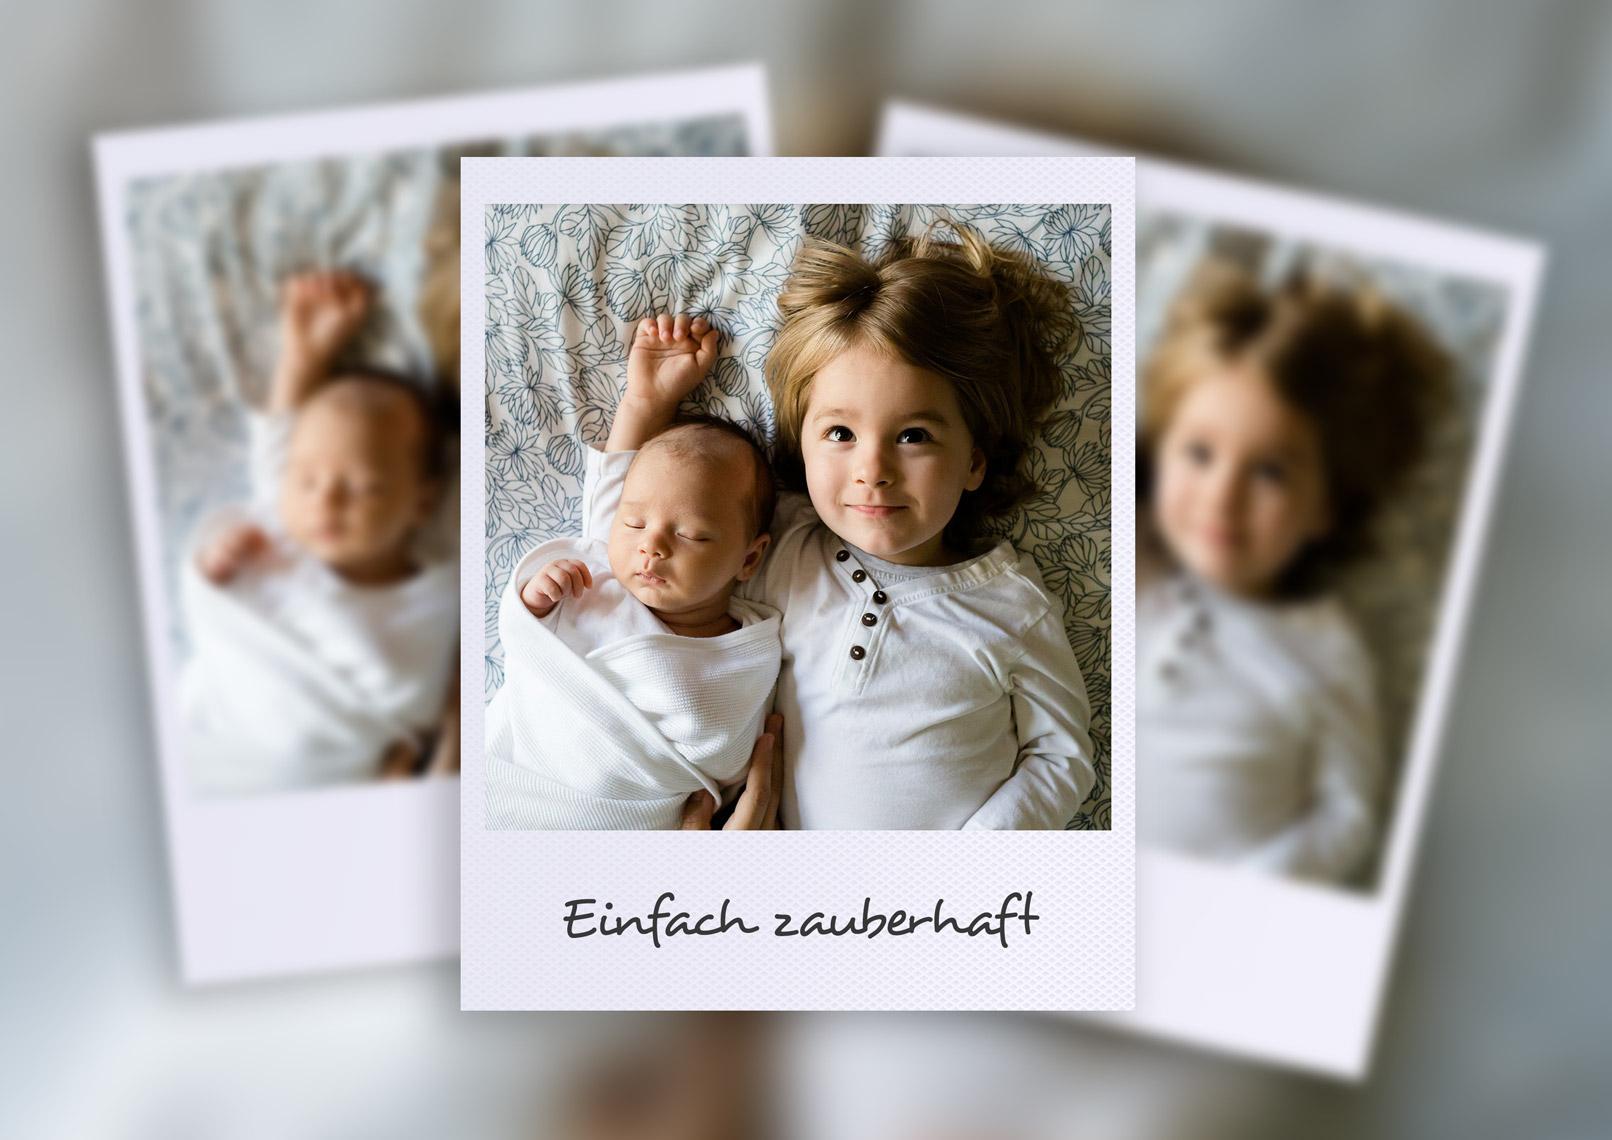 Photoshop-Aktion, um eigene Fotos in hochwertige Bilderrahmen einzufügen.